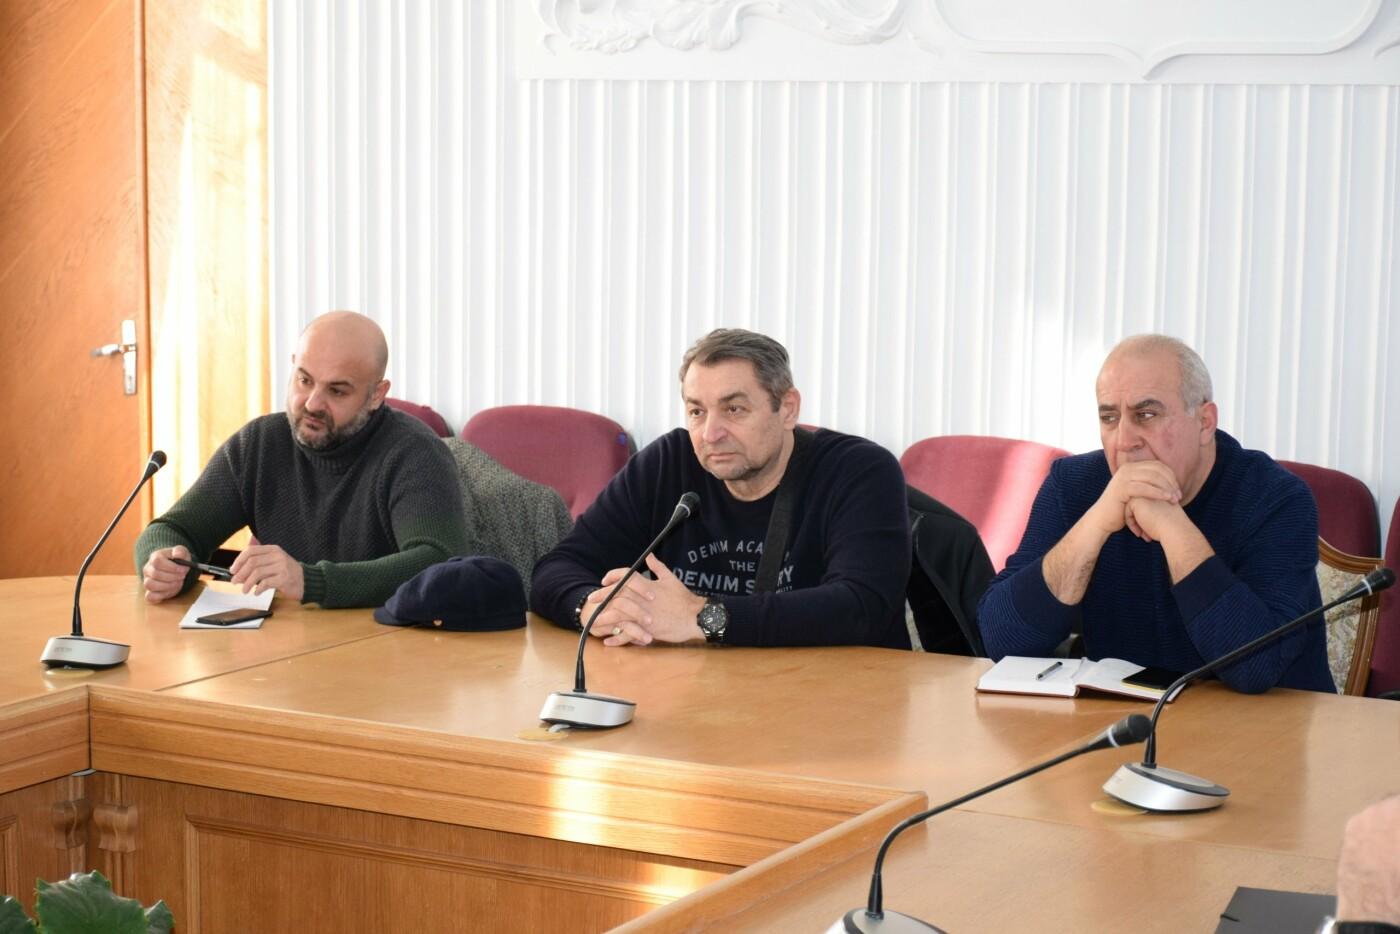 Алексей Челпанов провел рабочее совещание с предпринимателями Ялты на тему благоустройства города, - главное , фото-2